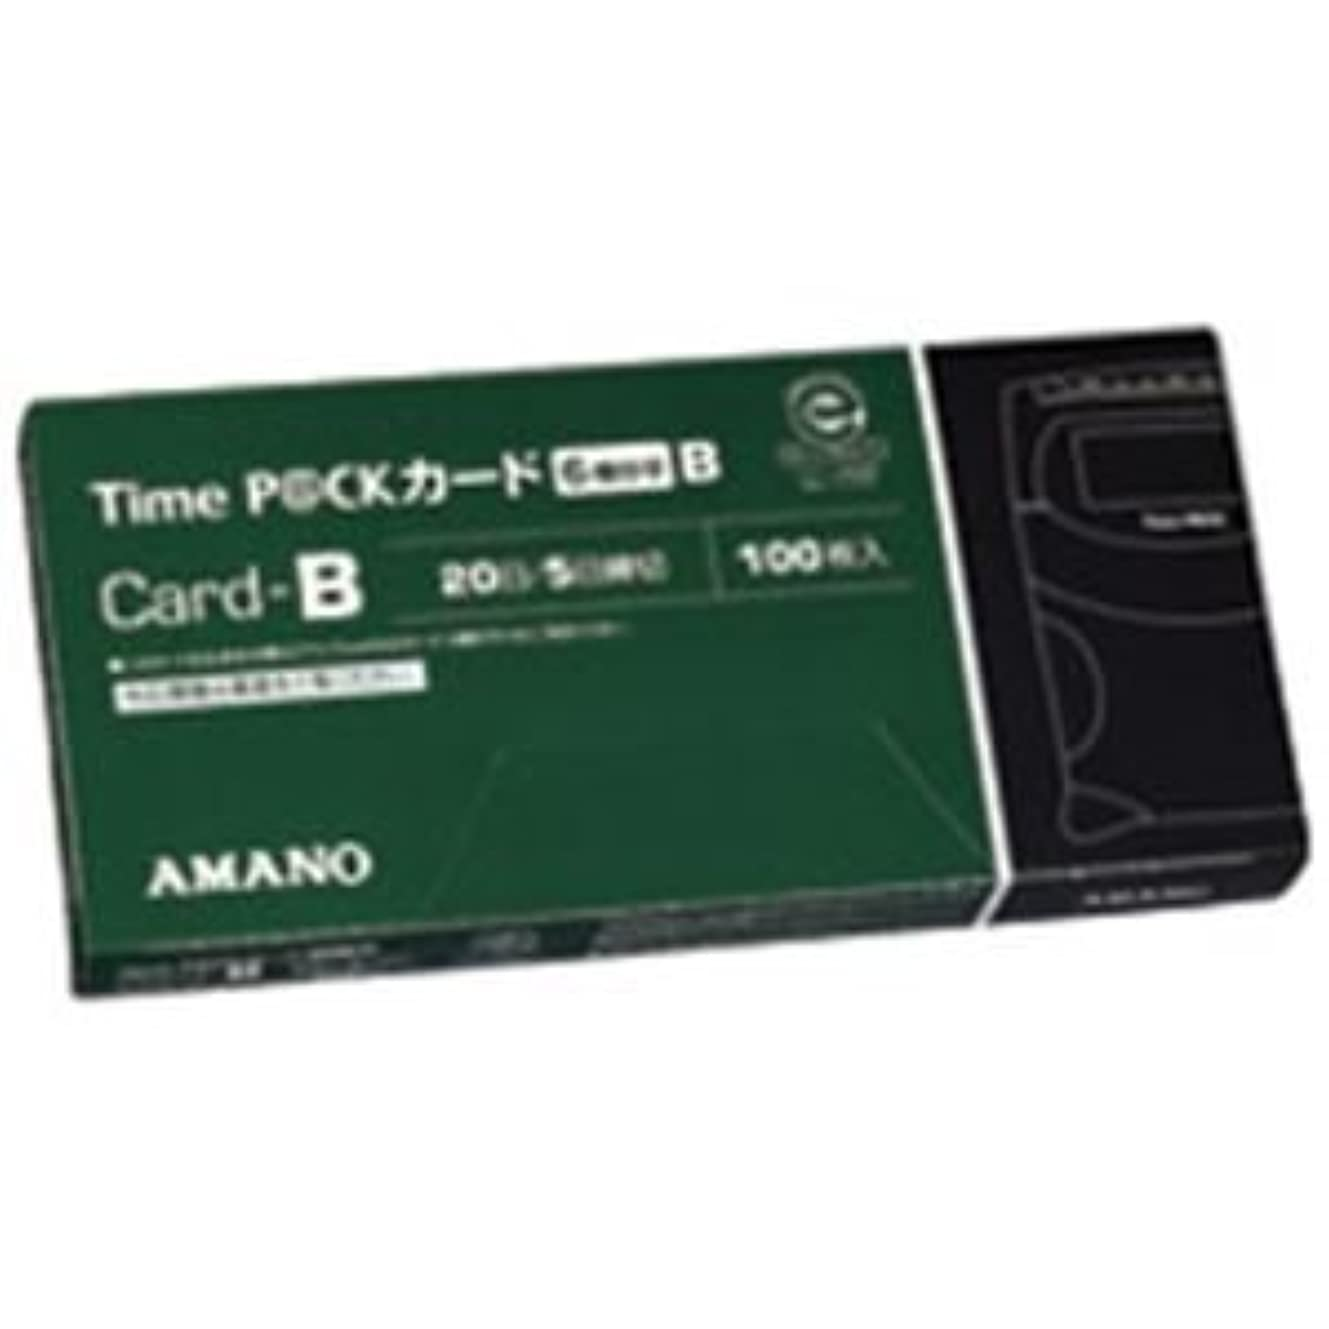 シャット産地突破口(業務用20セット) アマノ タイムパックカード(6欄印字)B ds-1742194